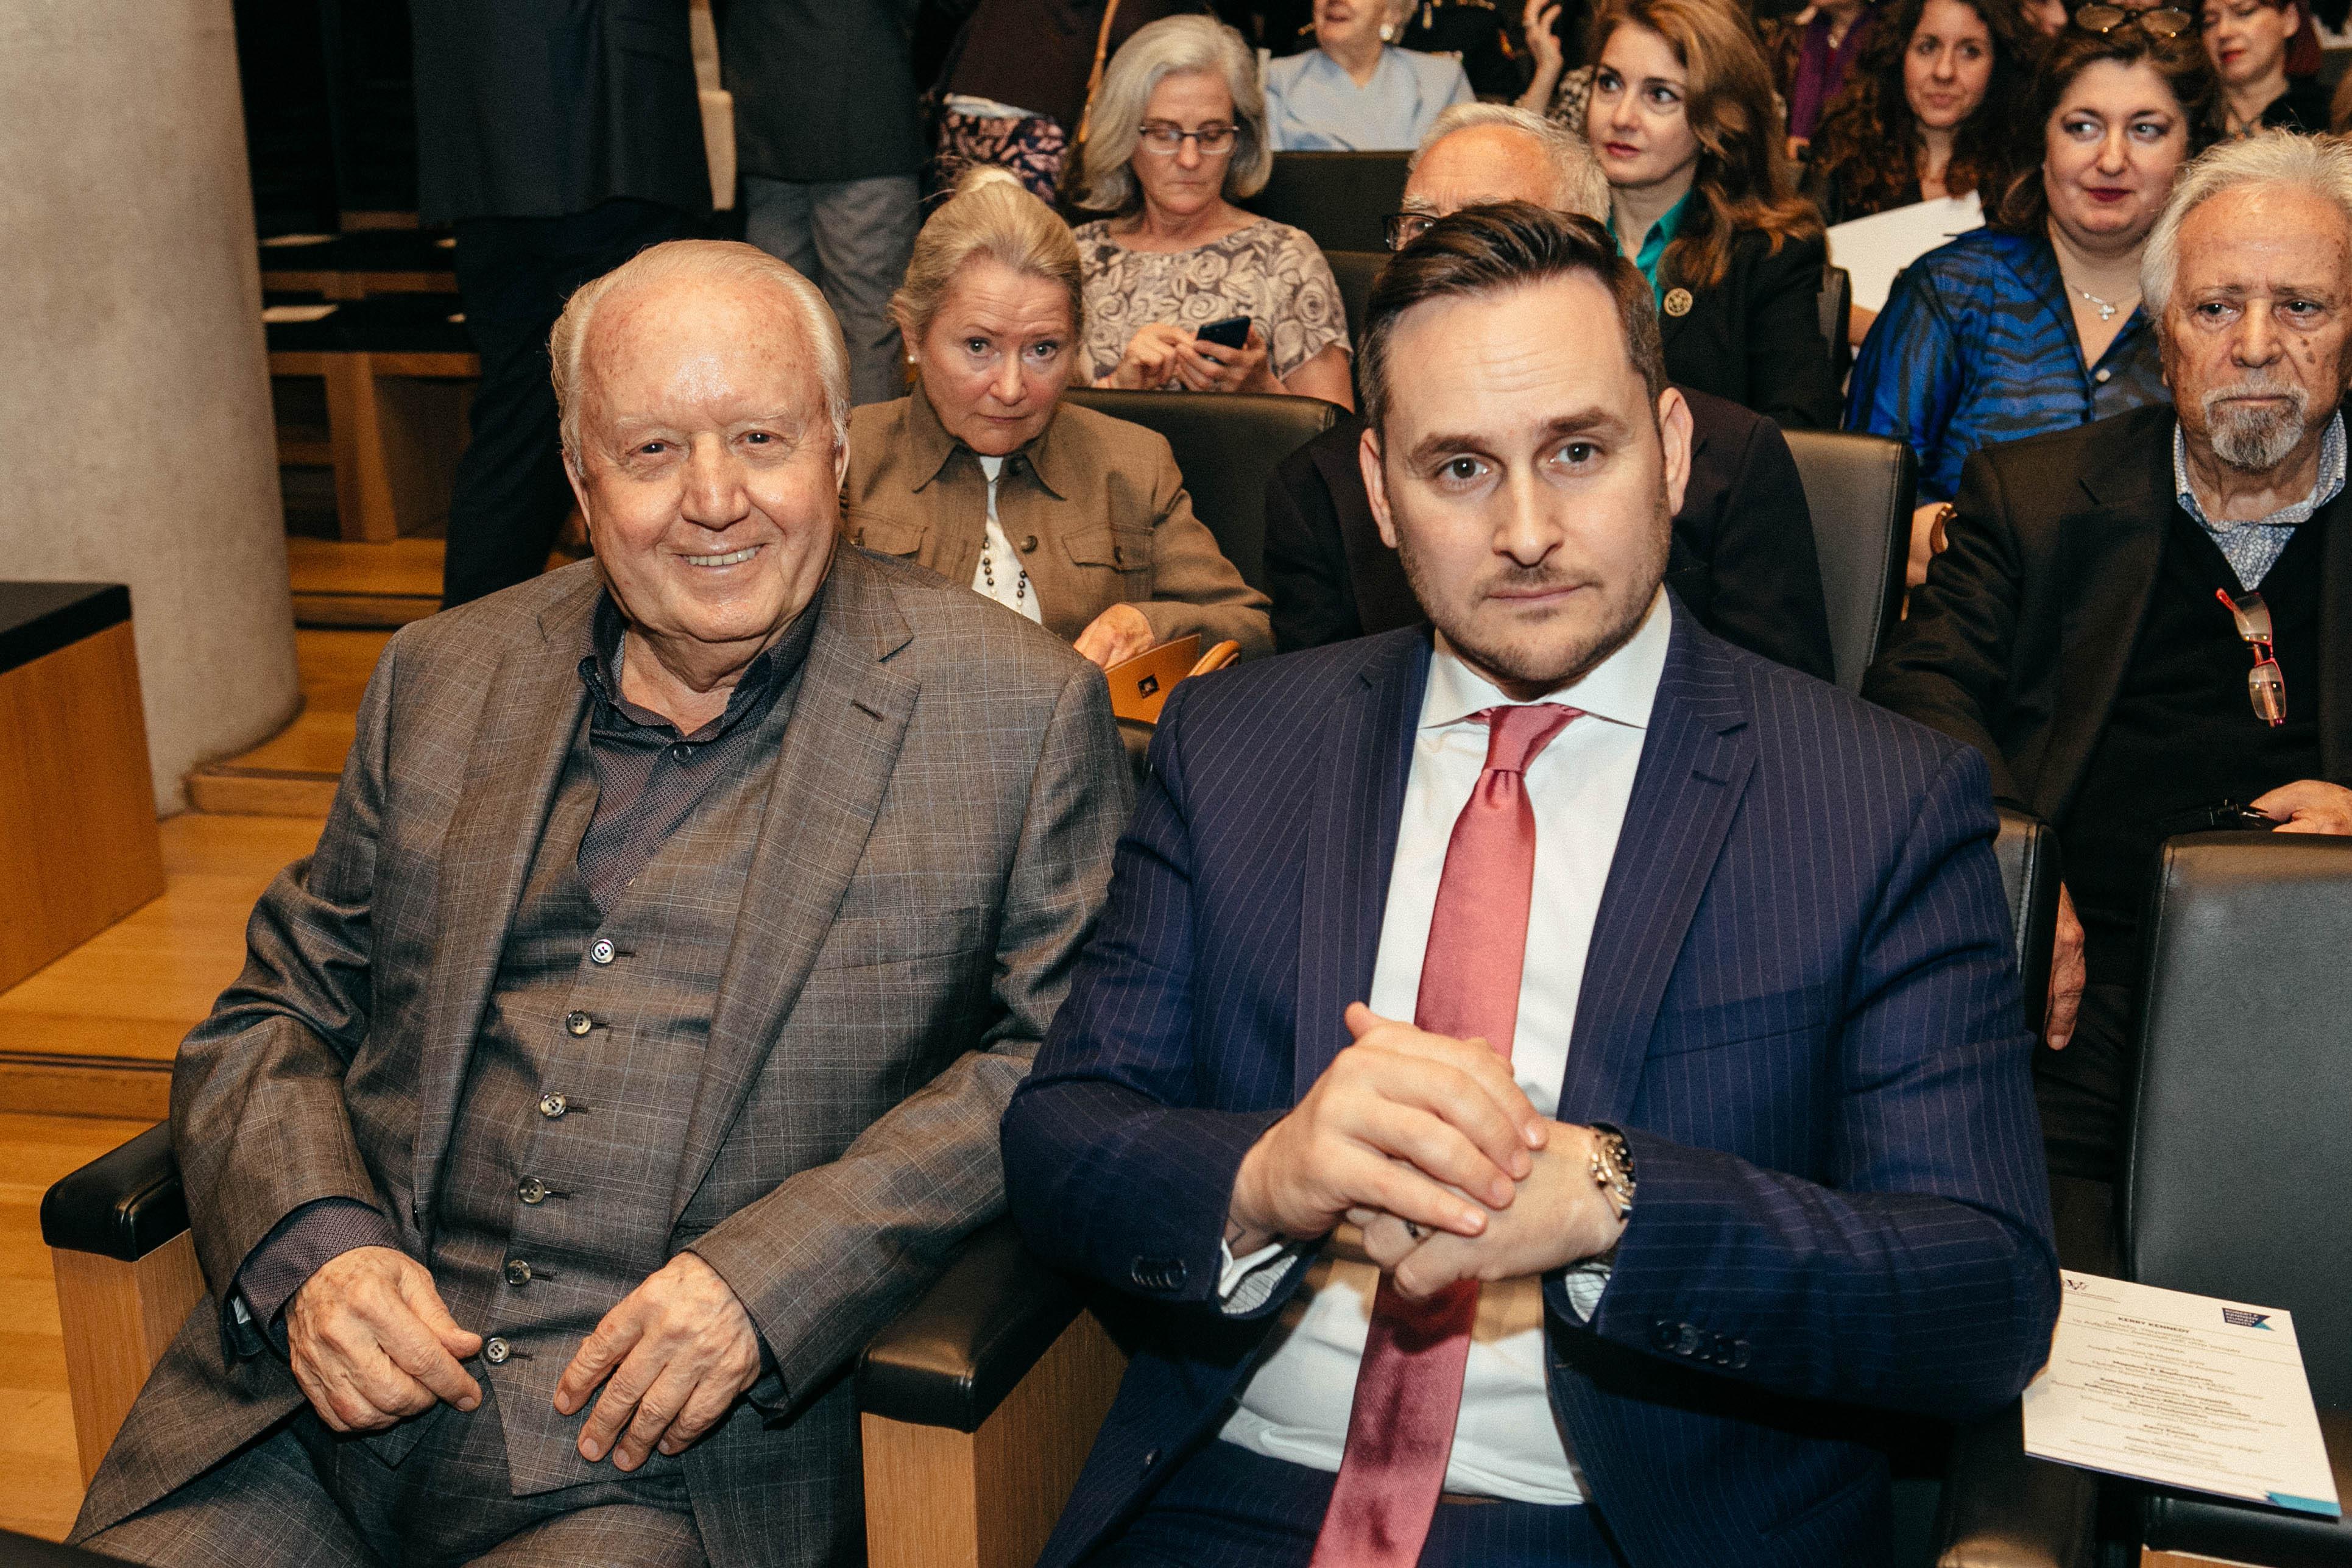 Νίκος Δασκαλαντωνάκης, Μάριος Γεωργιάδης